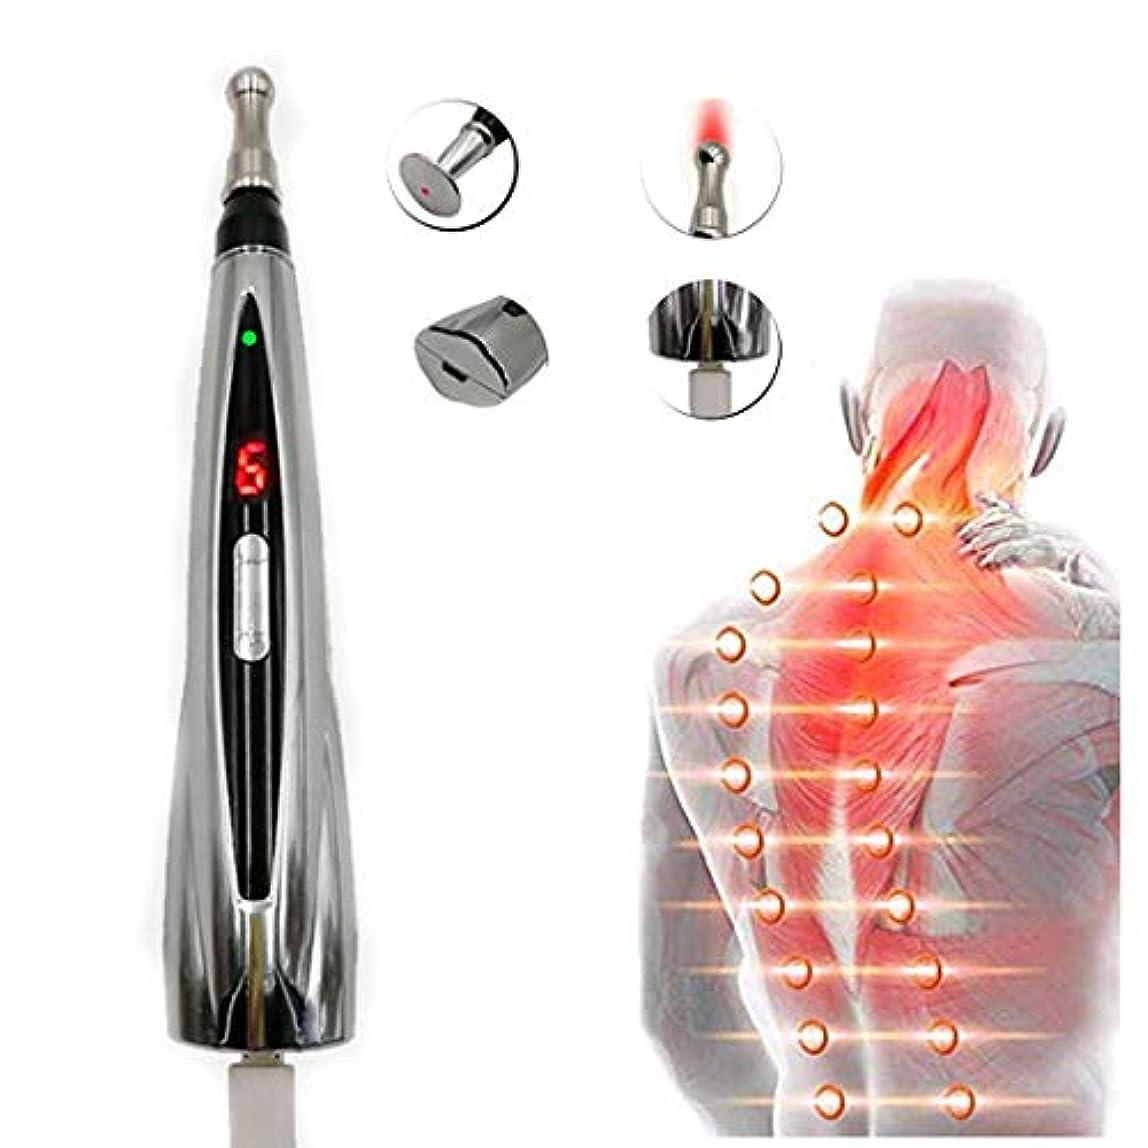 を除く浴室激しい電子鍼ペン、USB充電メリディアンペンハンドヘルドマッサージペン3種類のペン痛みストレス緩和のための電子鍼17.5cm * 3cmシルバー